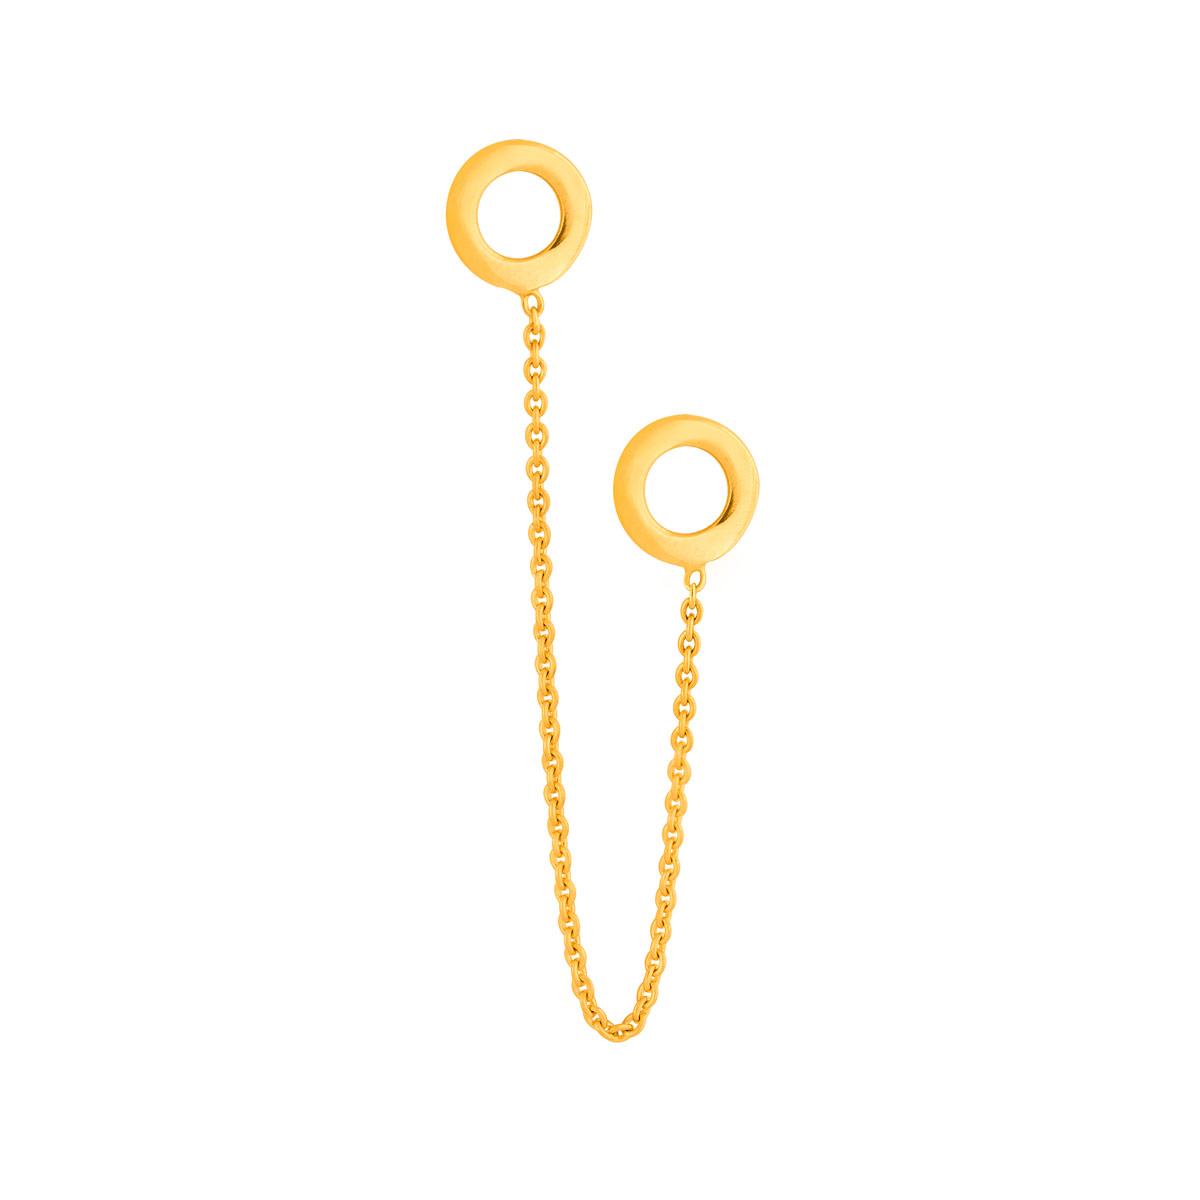 گوشواره طلا تک لنگه زنجیر و دو دایره توخالی